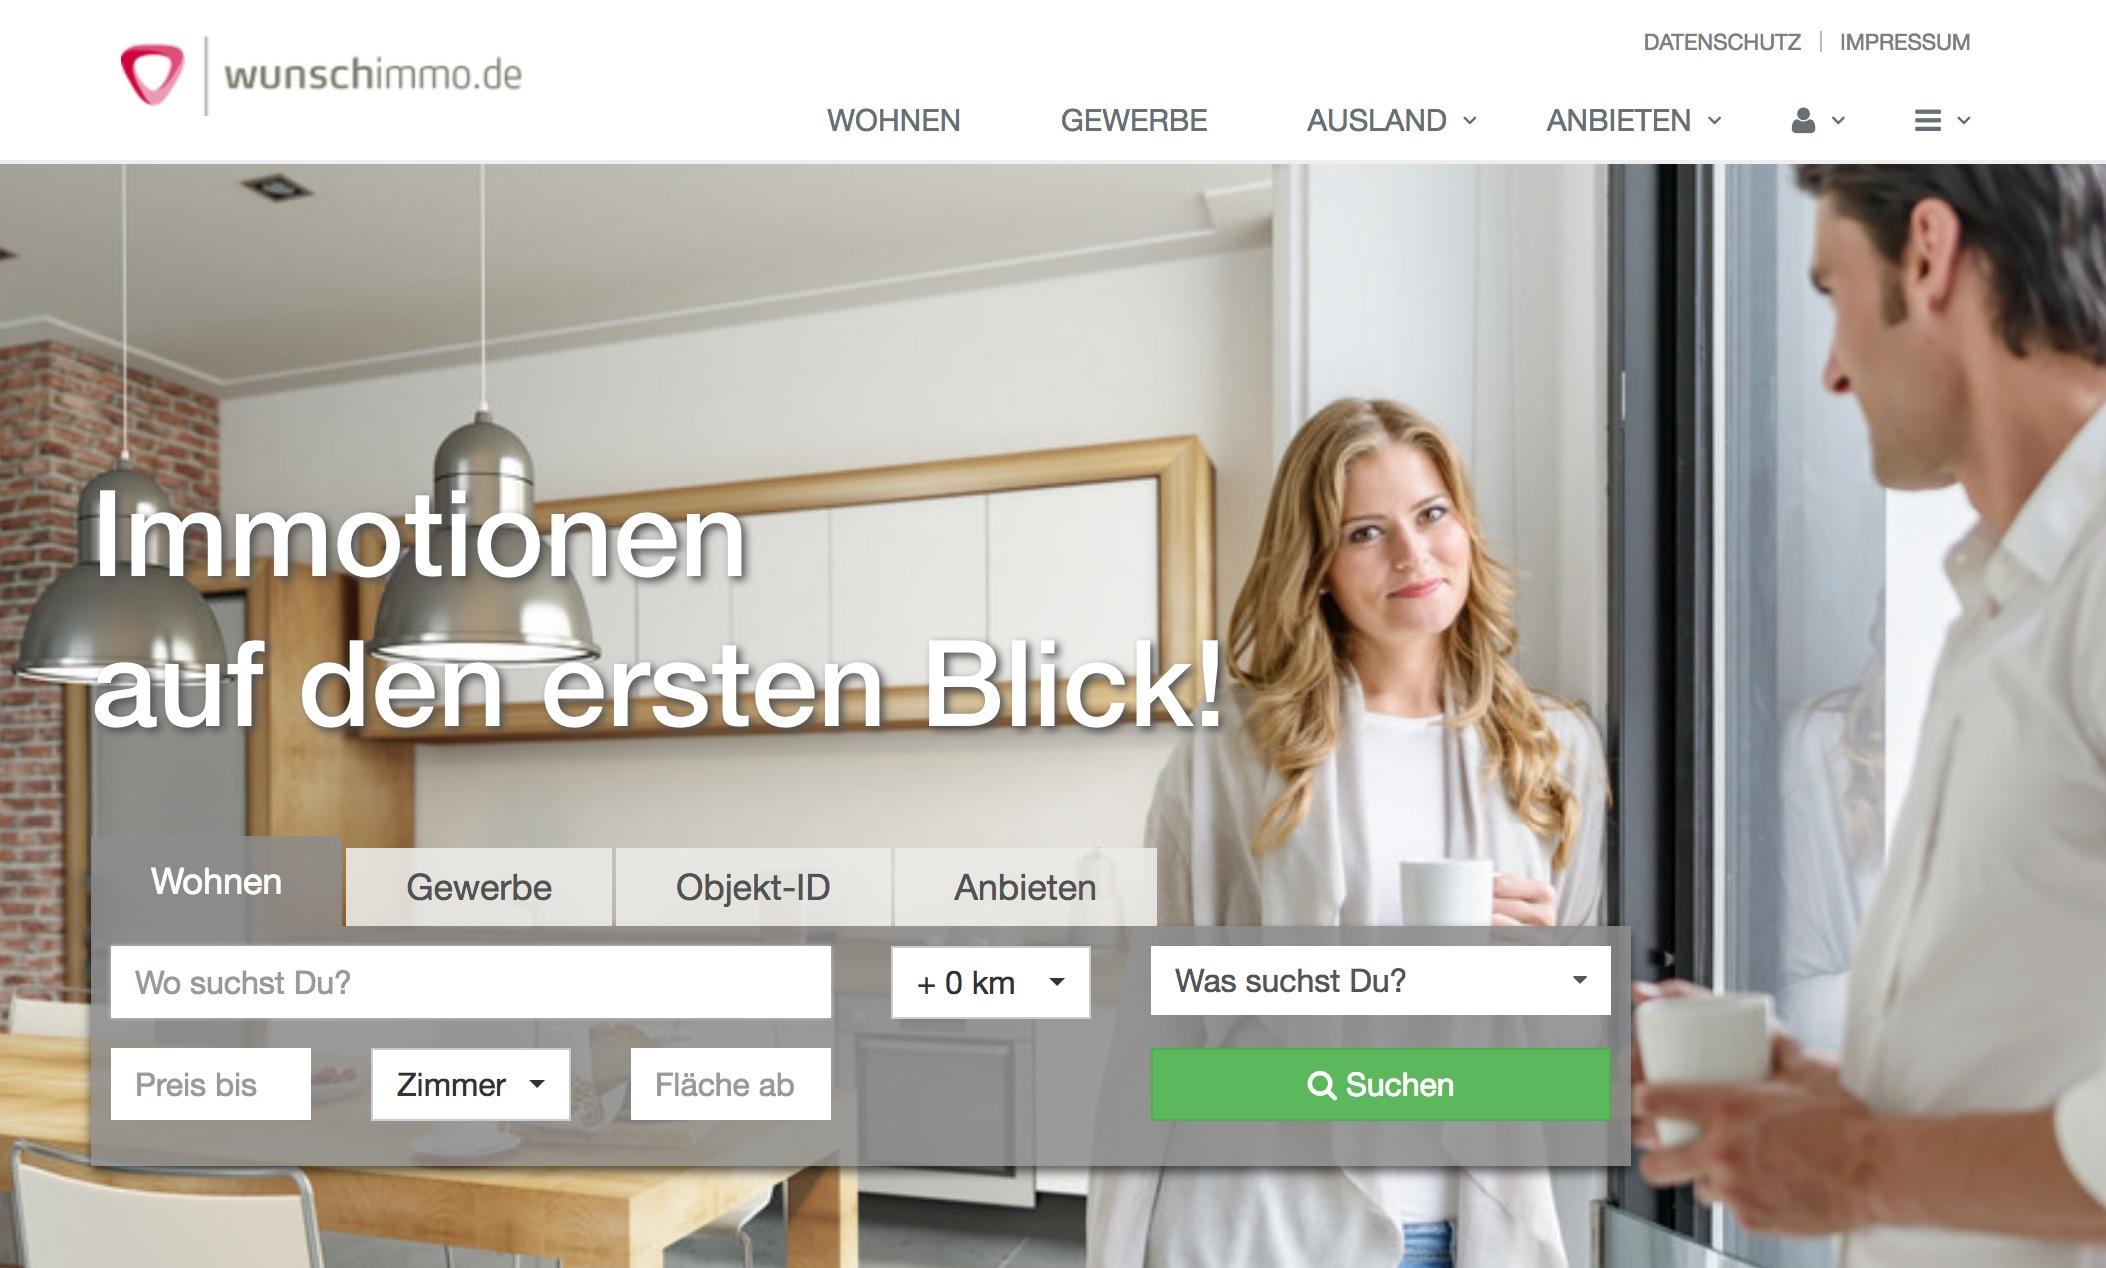 Wunschimmo.de: Häuser, Wohnungen, Grundstücke Finden